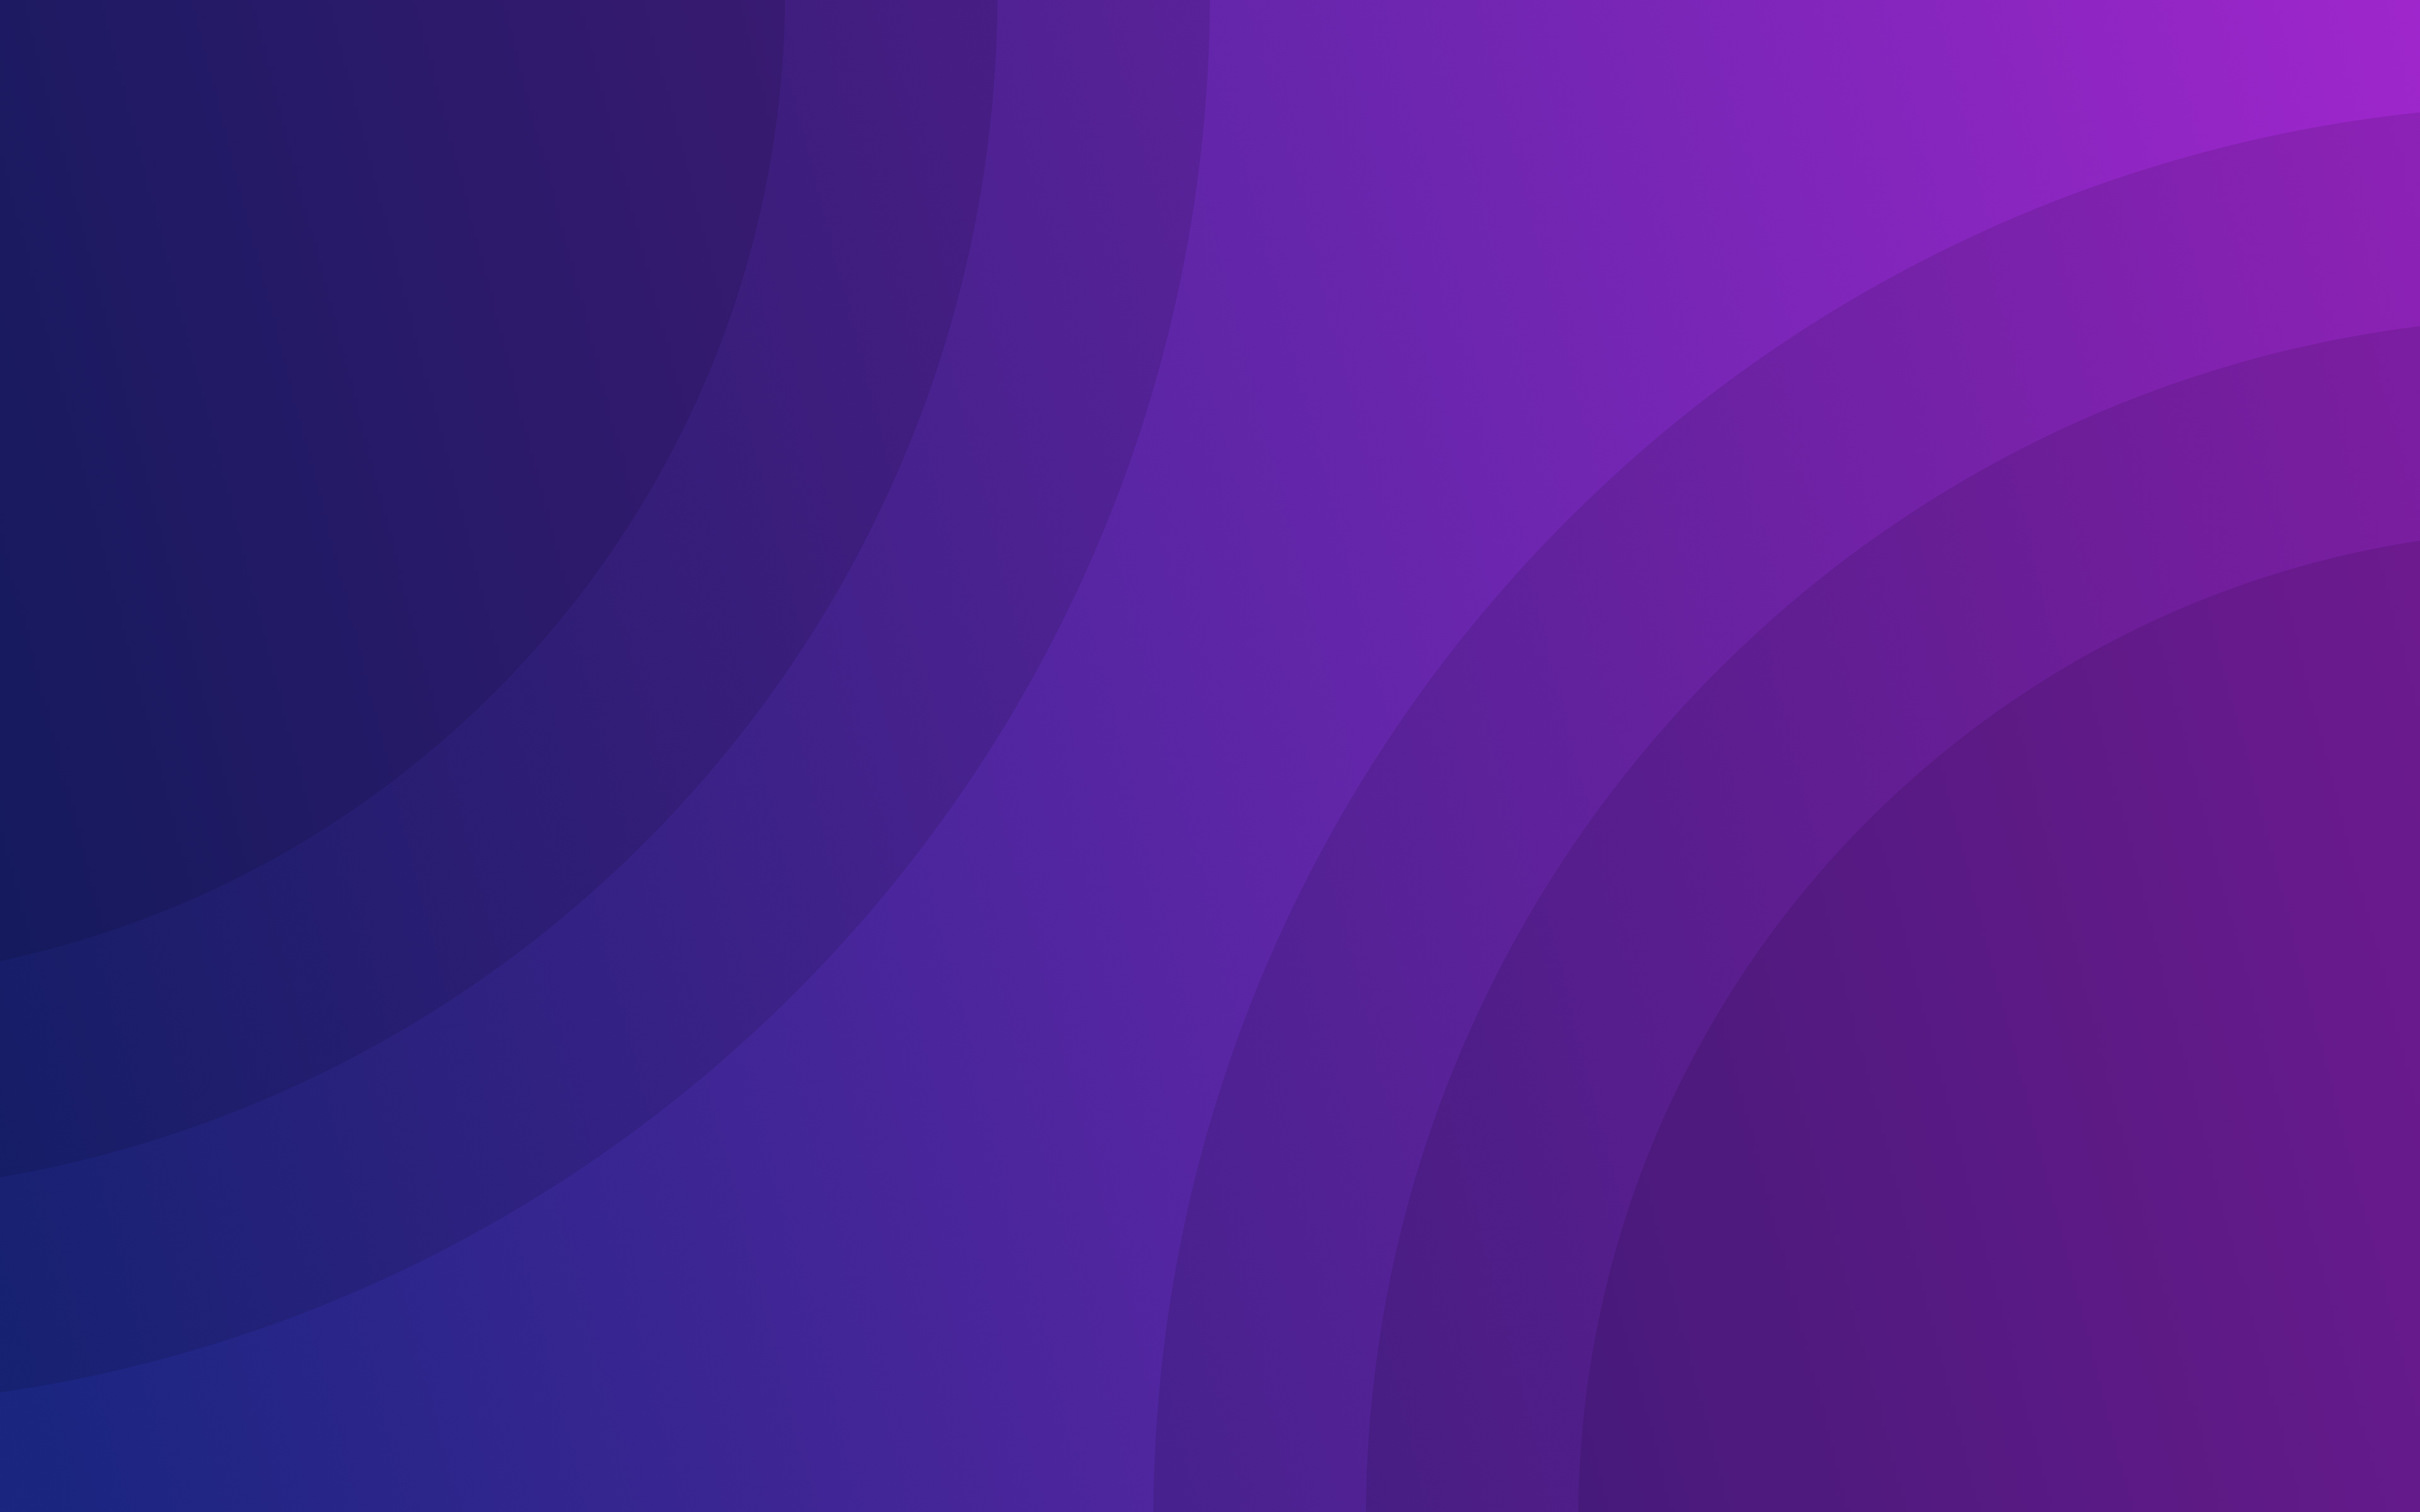 Фиолетовый окружающей среды обои скачать